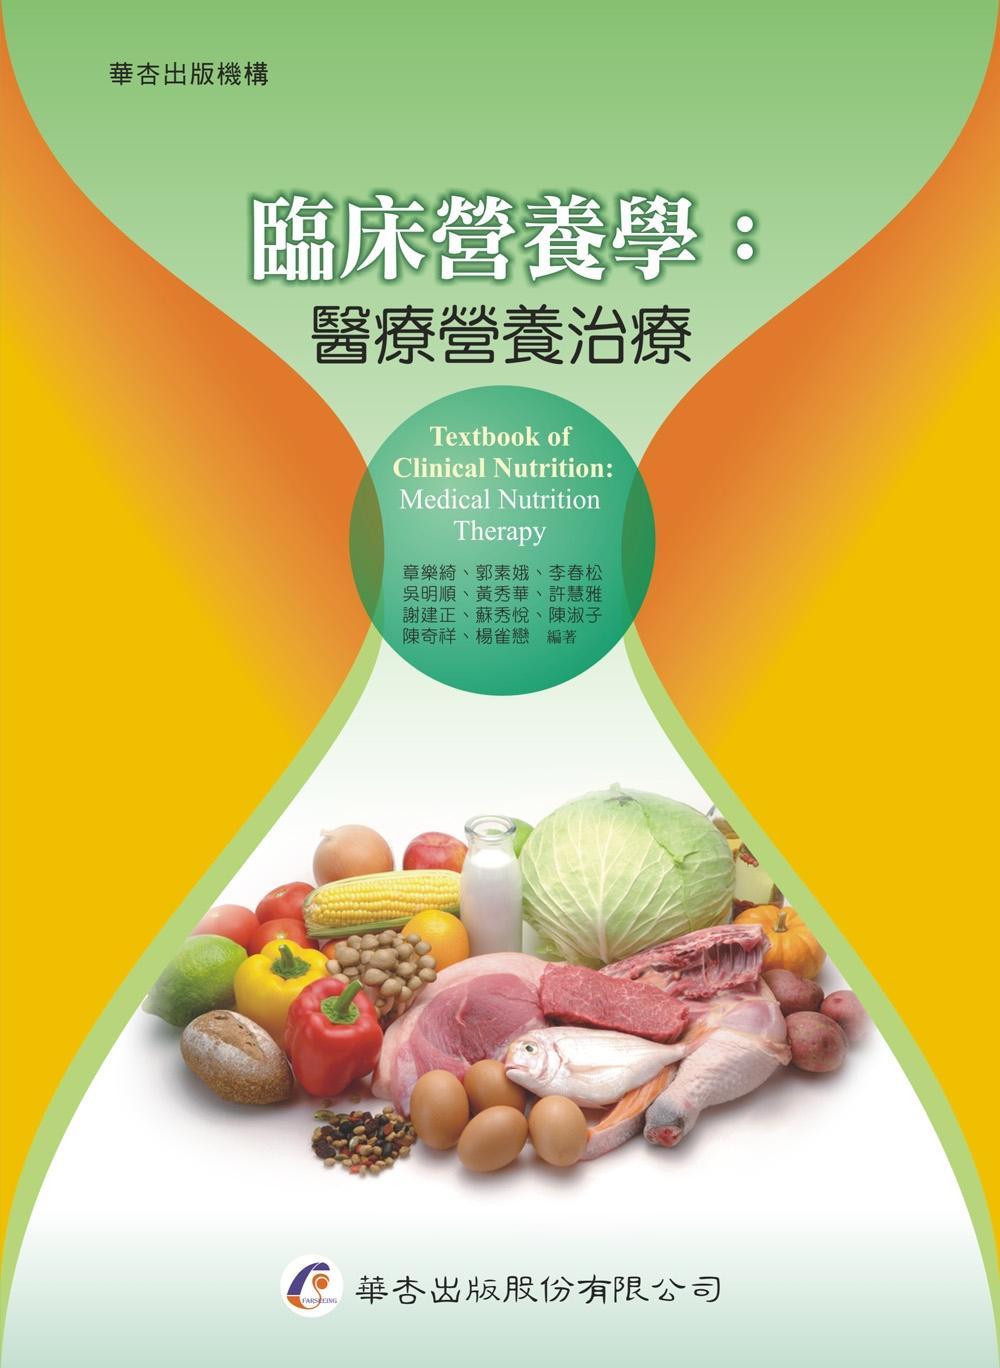 臨床營養學:醫療營養治療